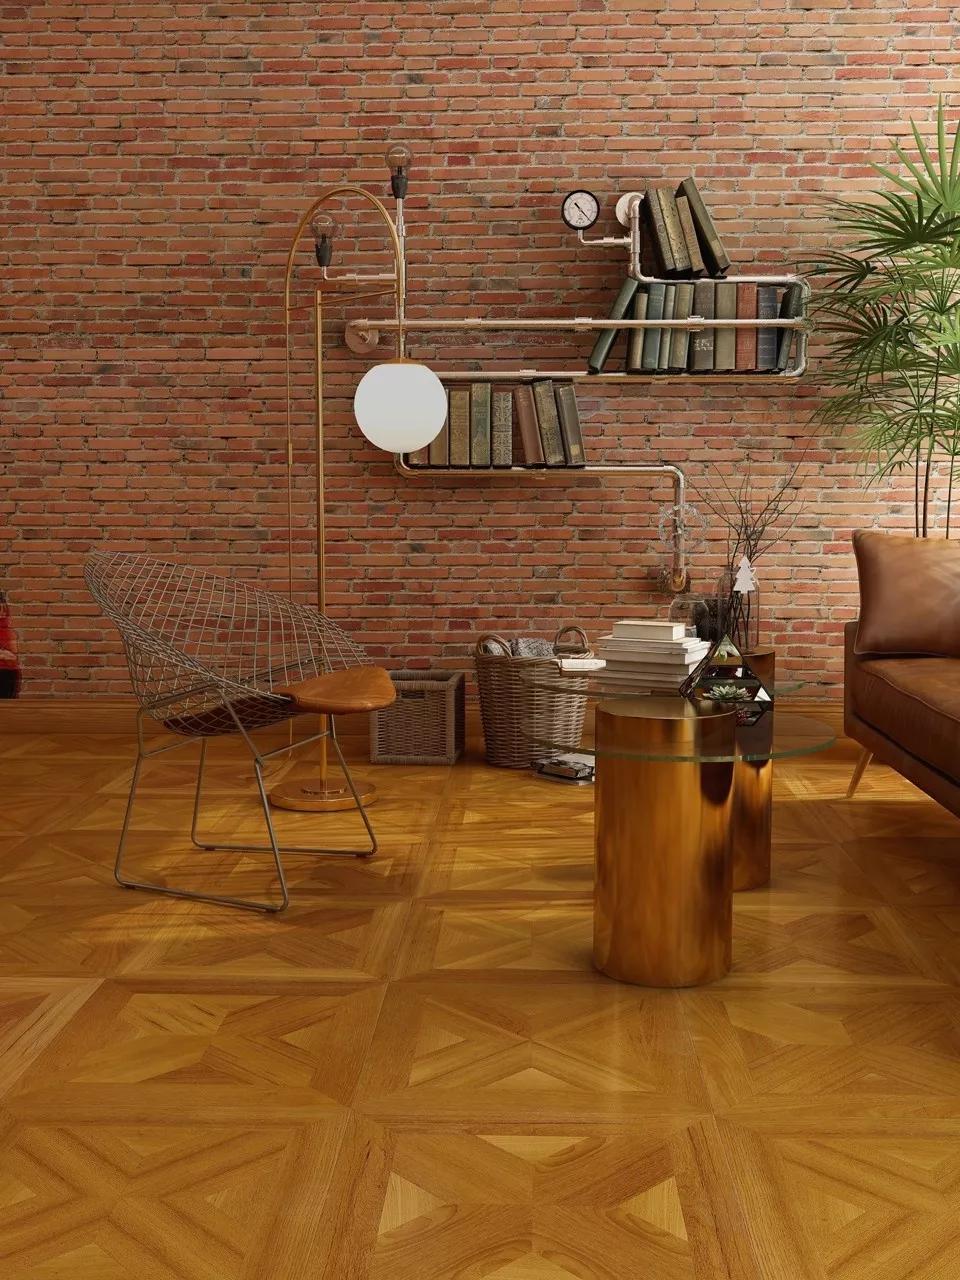 鋪上生活家地板,讓小戶型裝出家里有礦的Feel